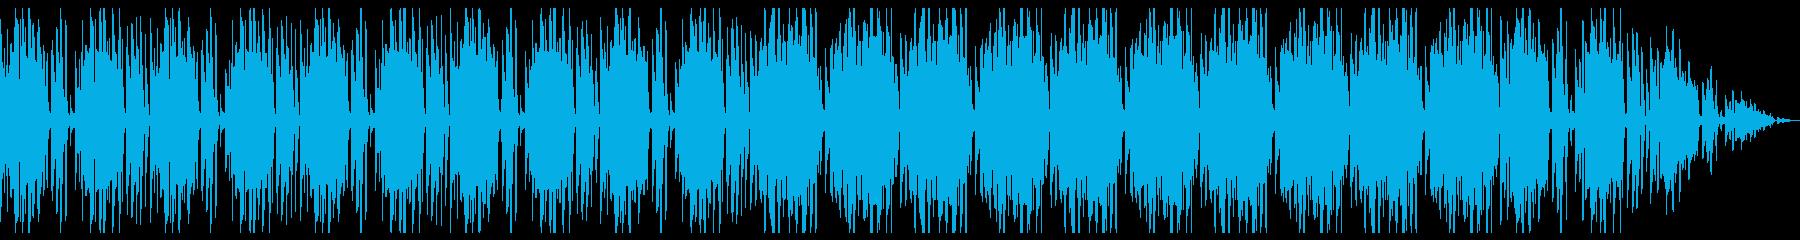 フルート 映像向け オシャレ ファンクの再生済みの波形